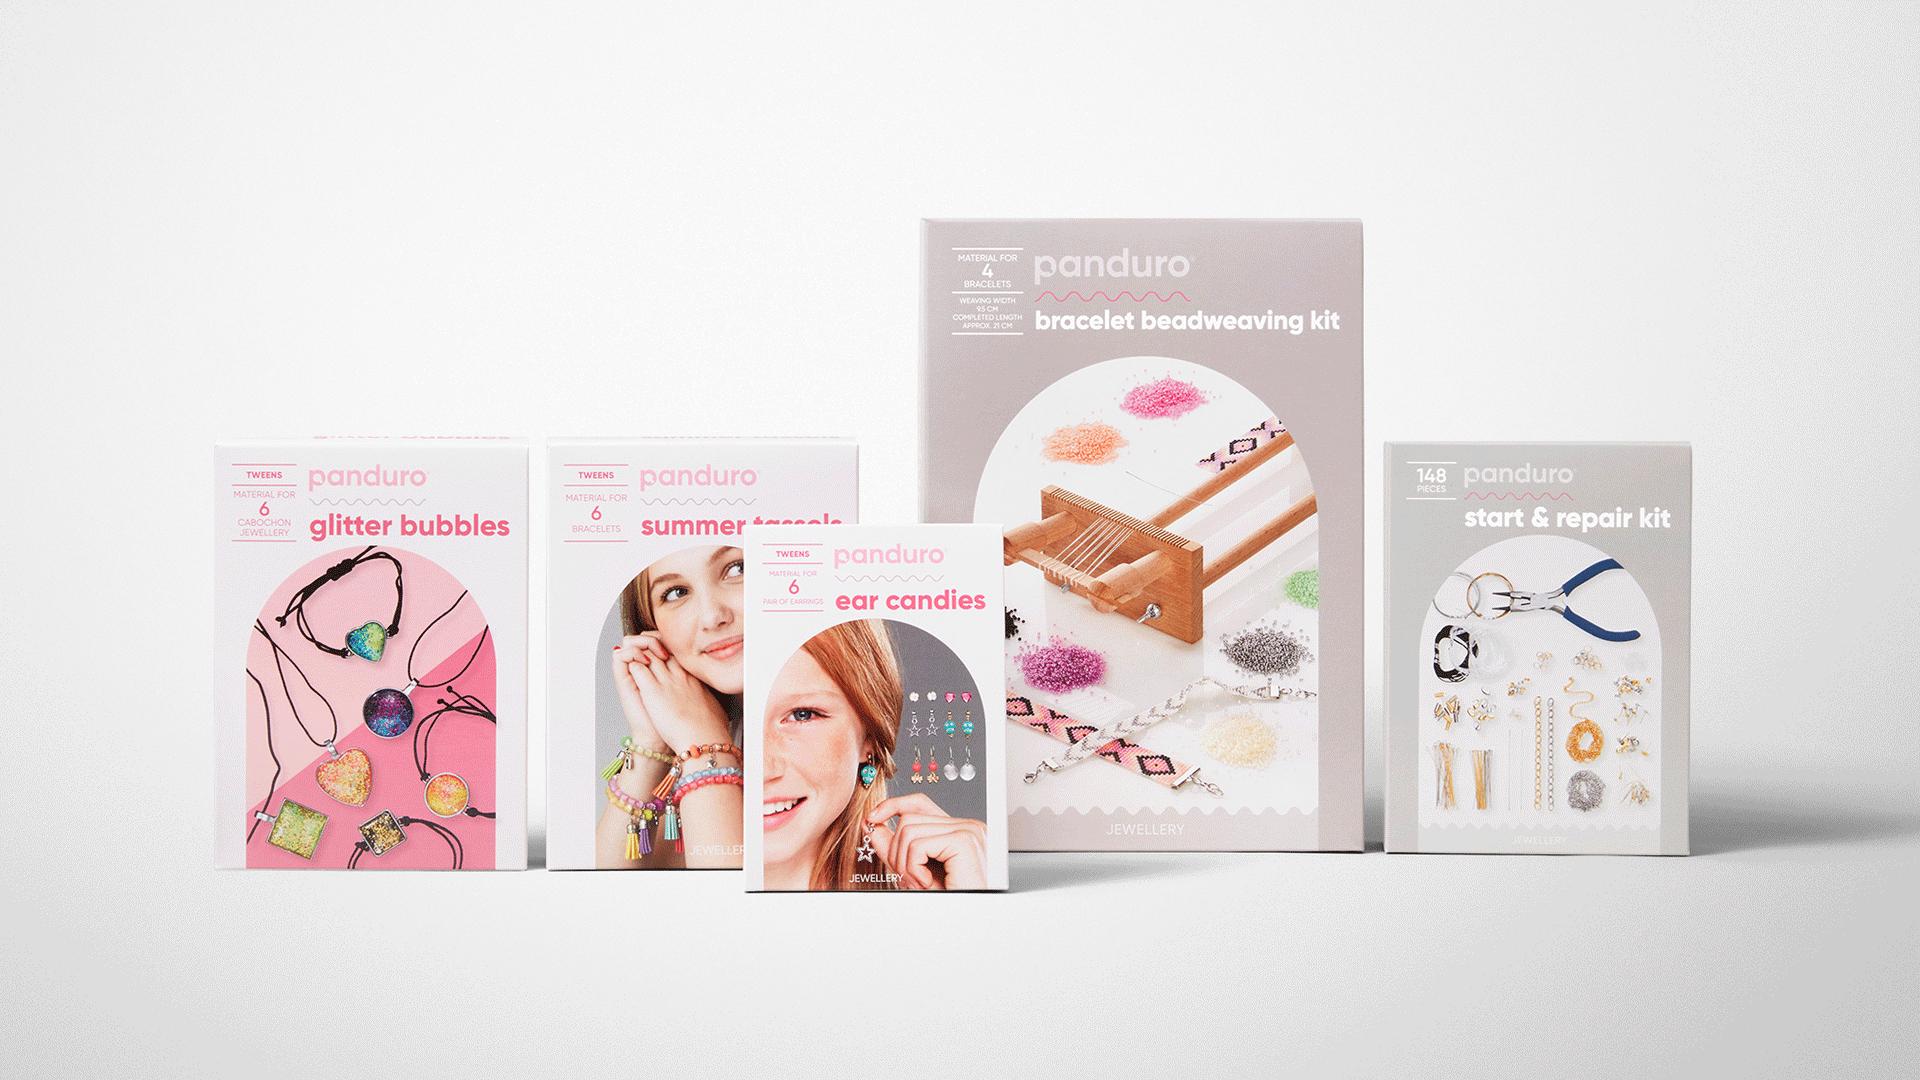 Panduro förpackning designs